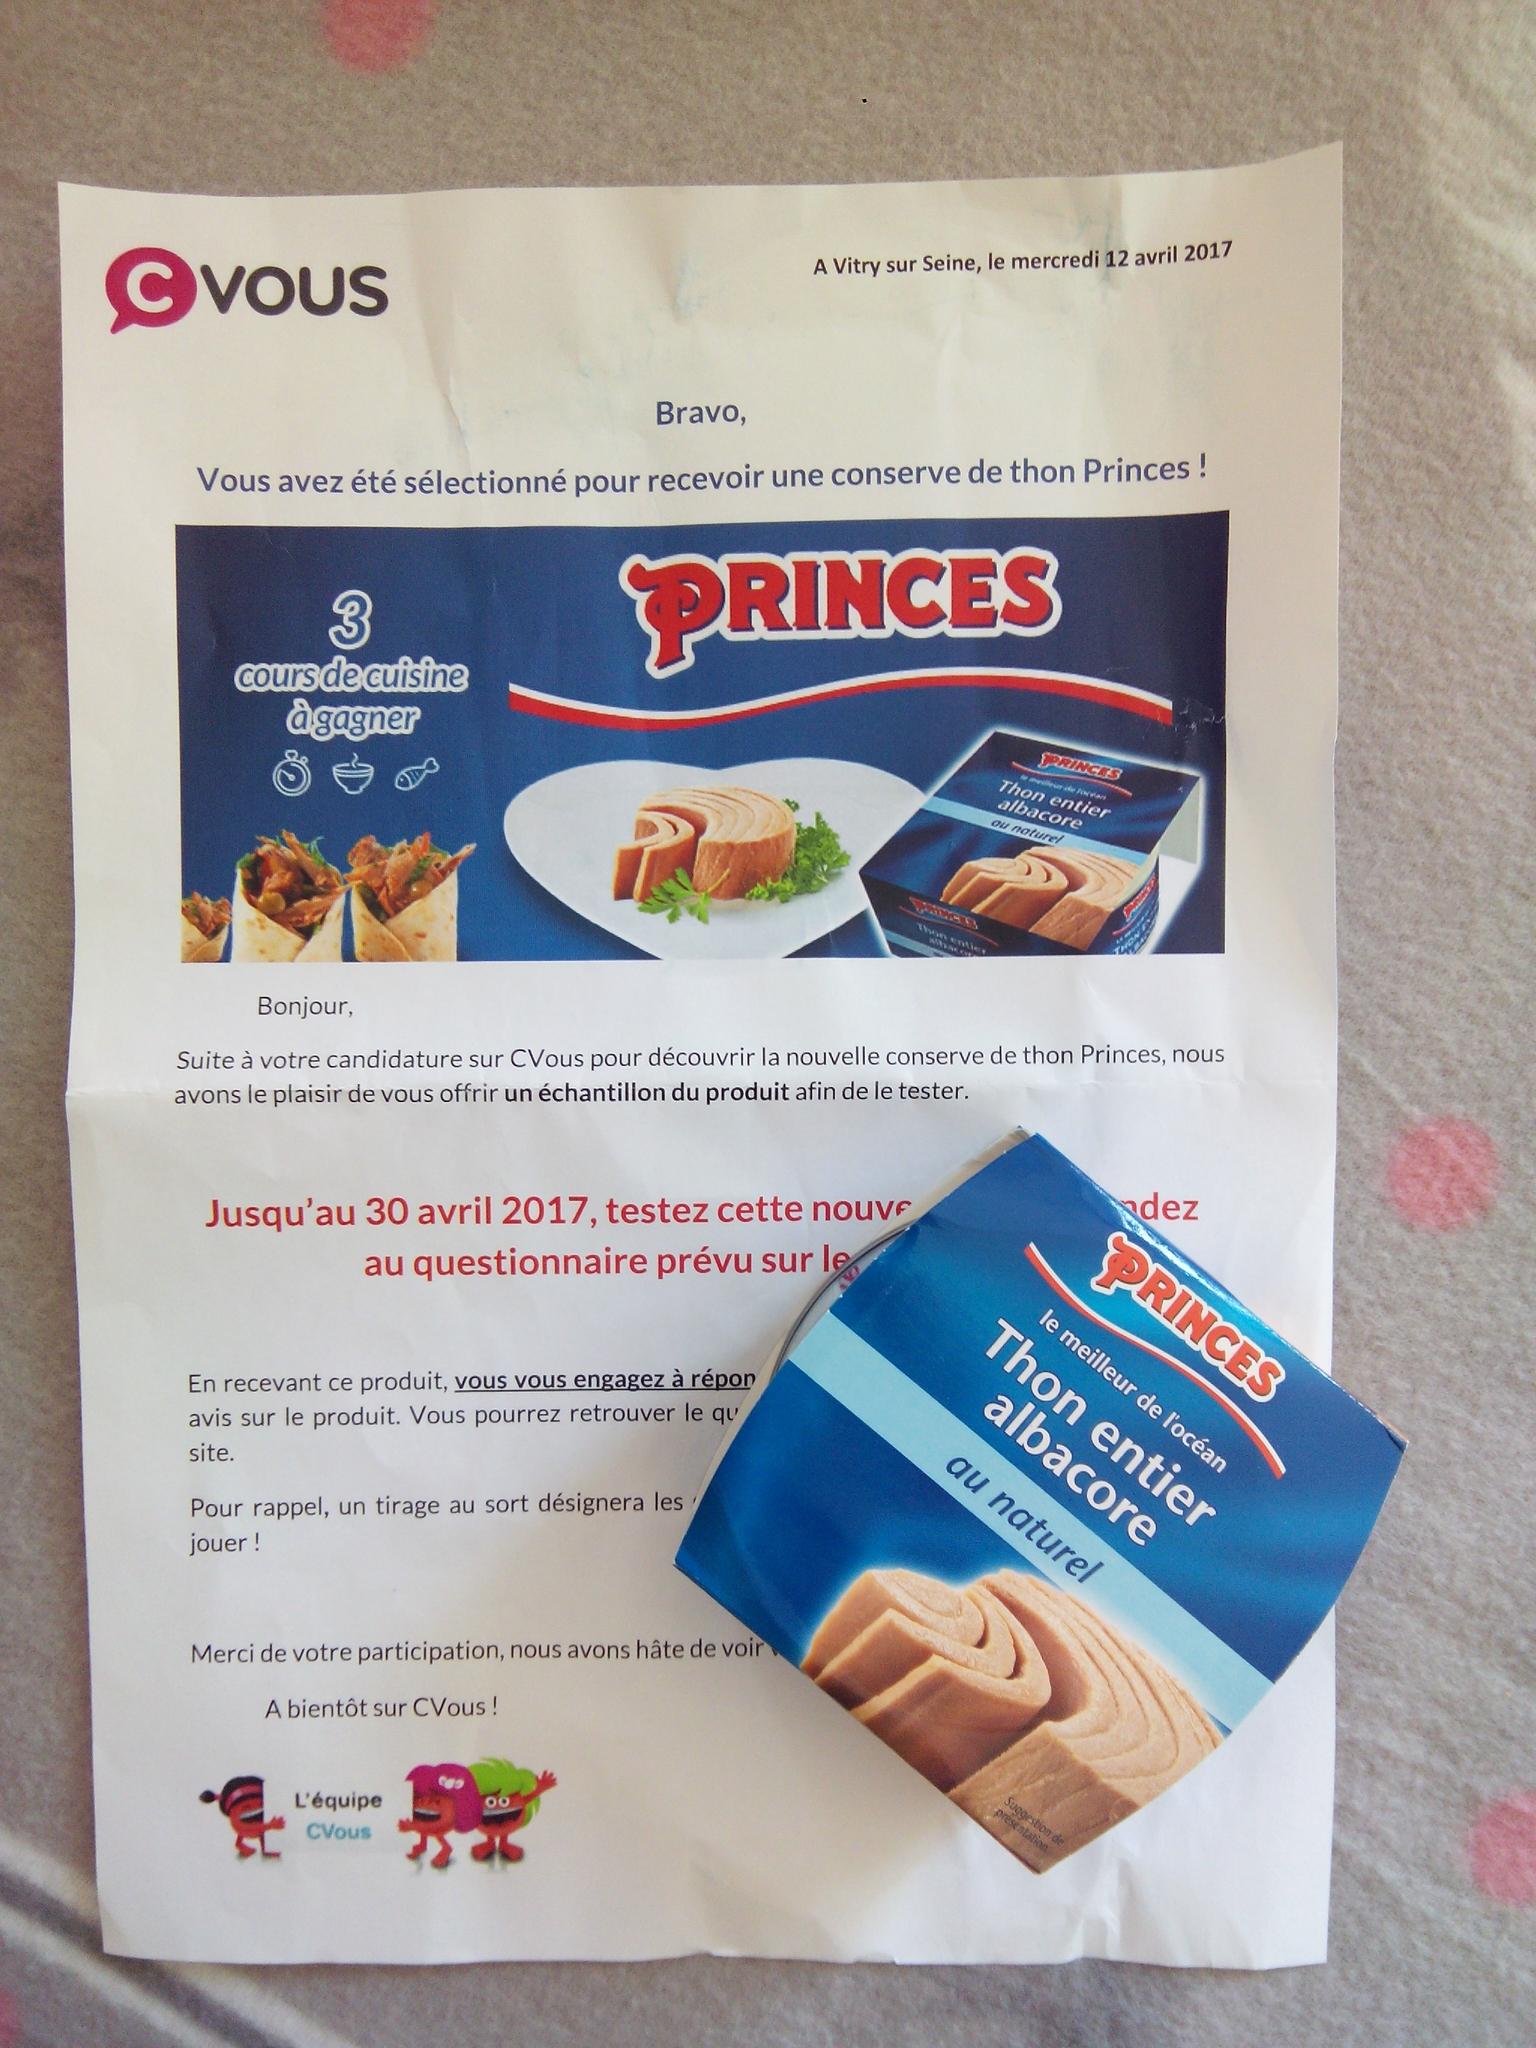 Notre découverte de la marque PRINCES peut désormais commencé... 💐💕